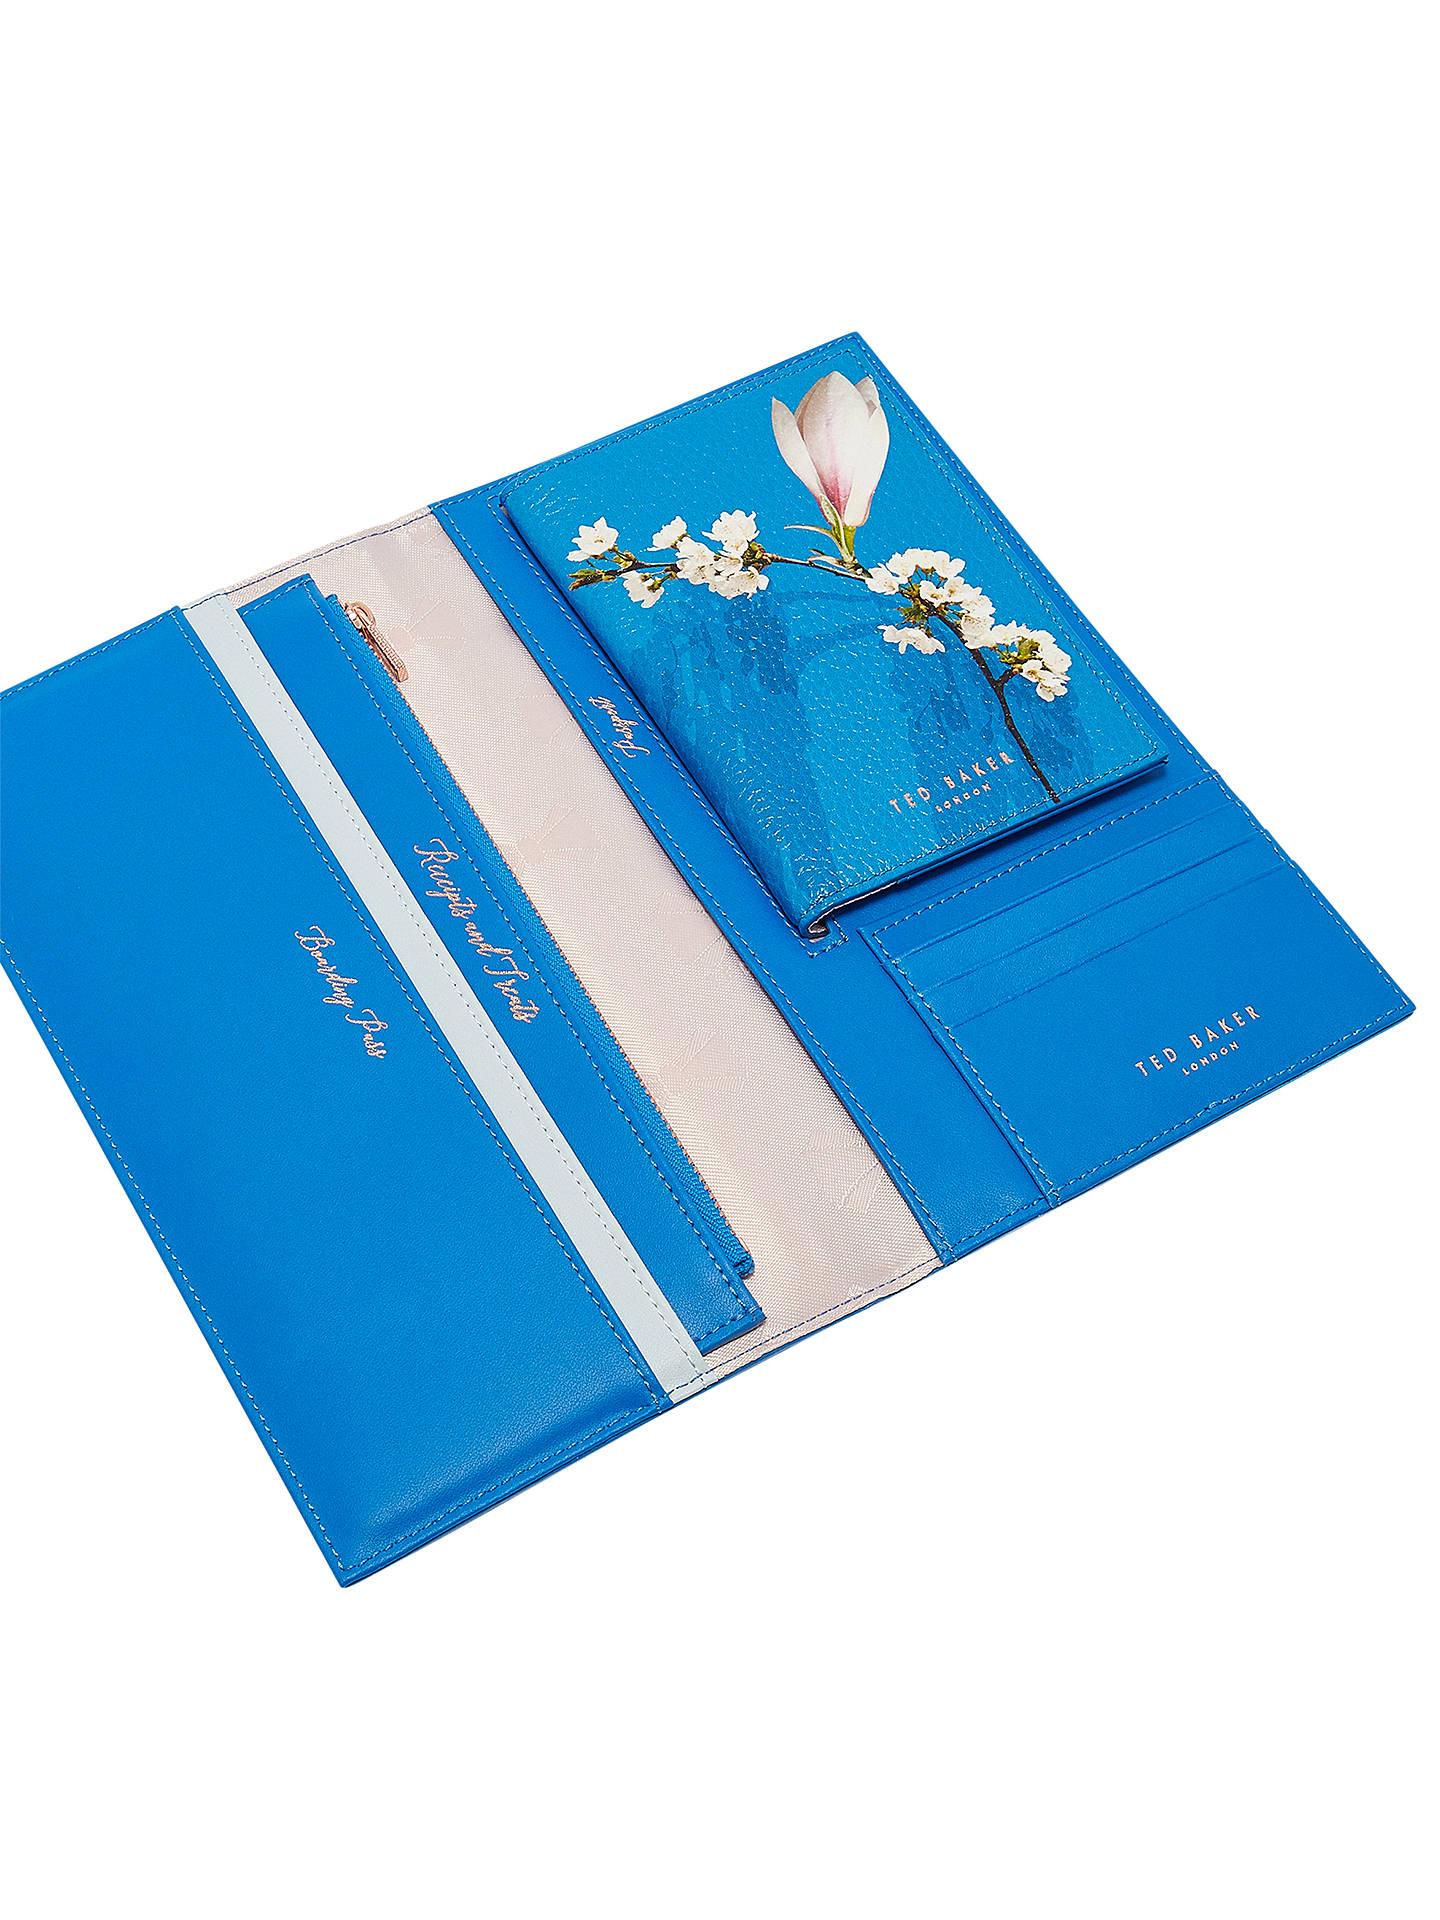 996b0b4fe ... Buy Ted Baker Sharon Harmony Leather Travel Wallet   Passport Holder